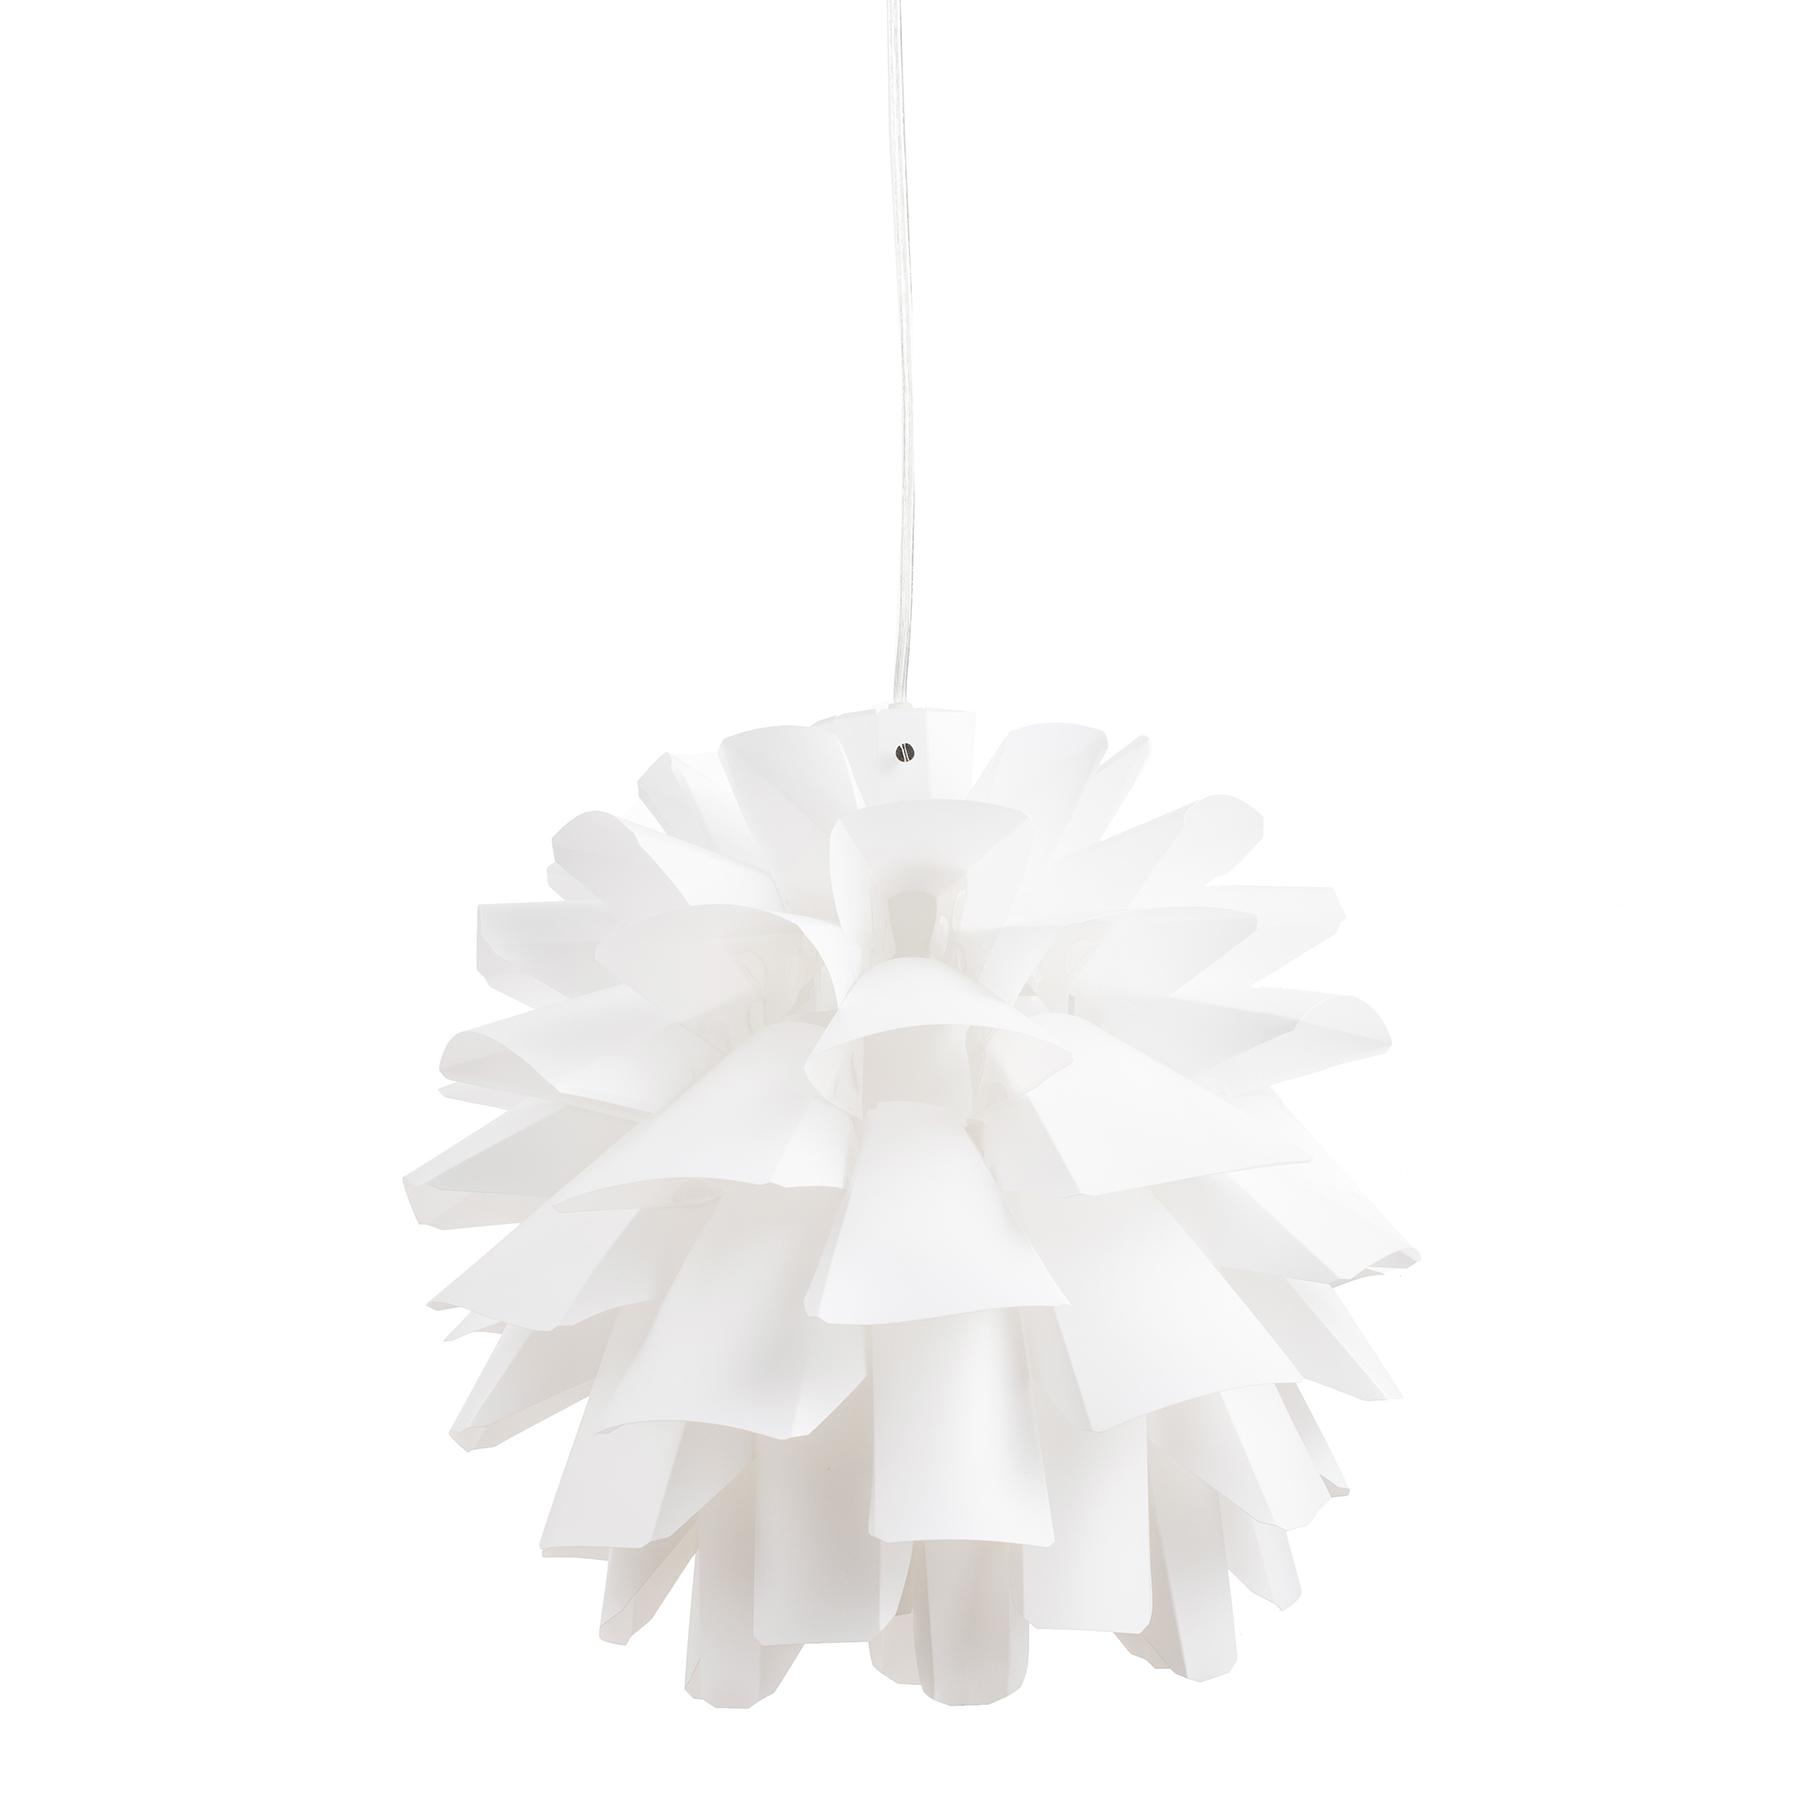 Купить Подвесной светильник Artiche белый, inmyroom, Китай